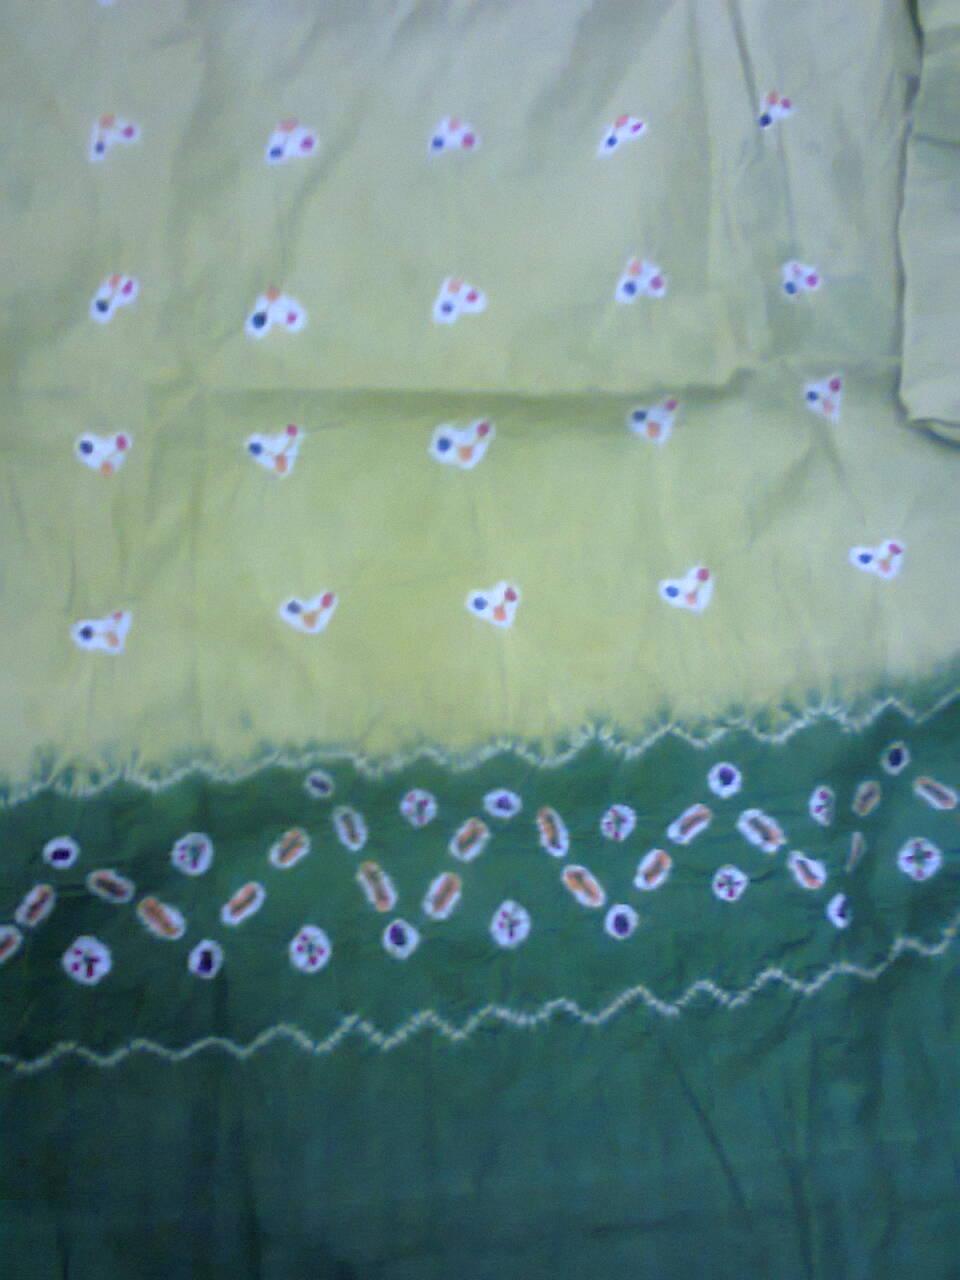 Batik Jumputan mempunyai Nilai Seni tersendiri. Keanggunan corak dan warna  sangat dipengaruhi oleh ketrampilan pengrajin. Hasil corak dan warna yang  timbul ... 71d6ac2fbf